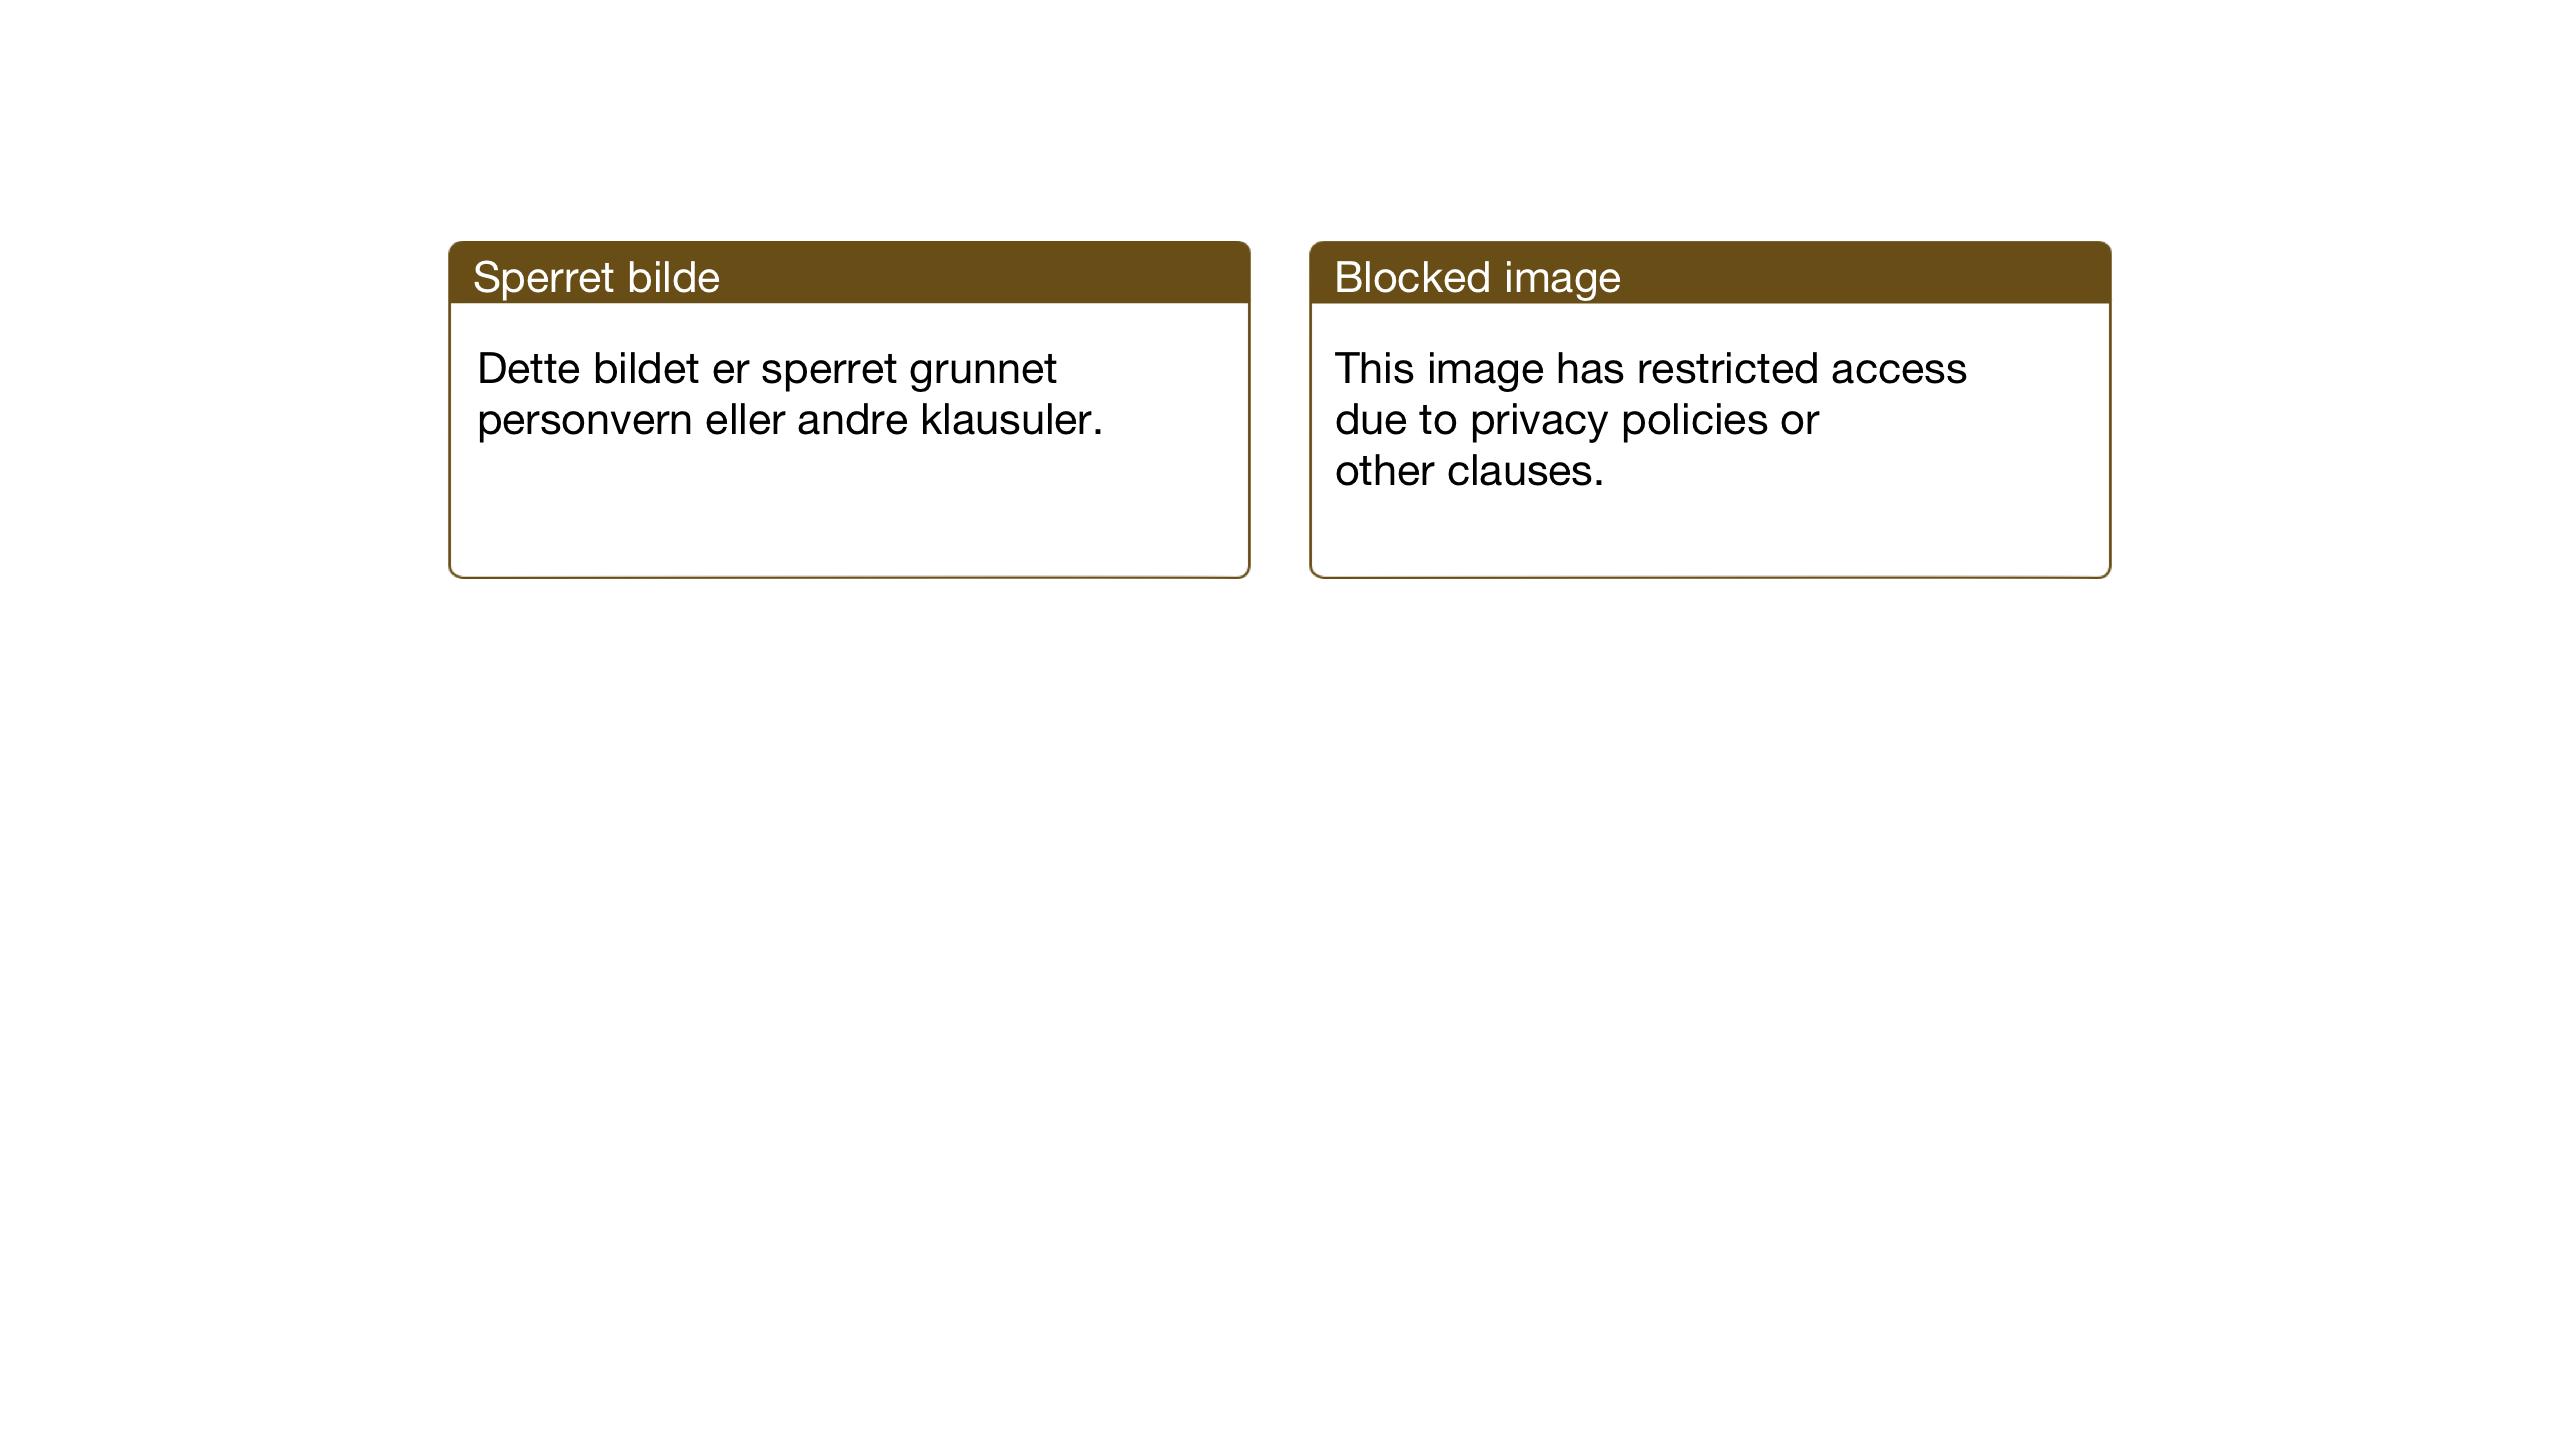 SAT, Ministerialprotokoller, klokkerbøker og fødselsregistre - Nord-Trøndelag, 709/L0089: Klokkerbok nr. 709C03, 1935-1948, s. 24